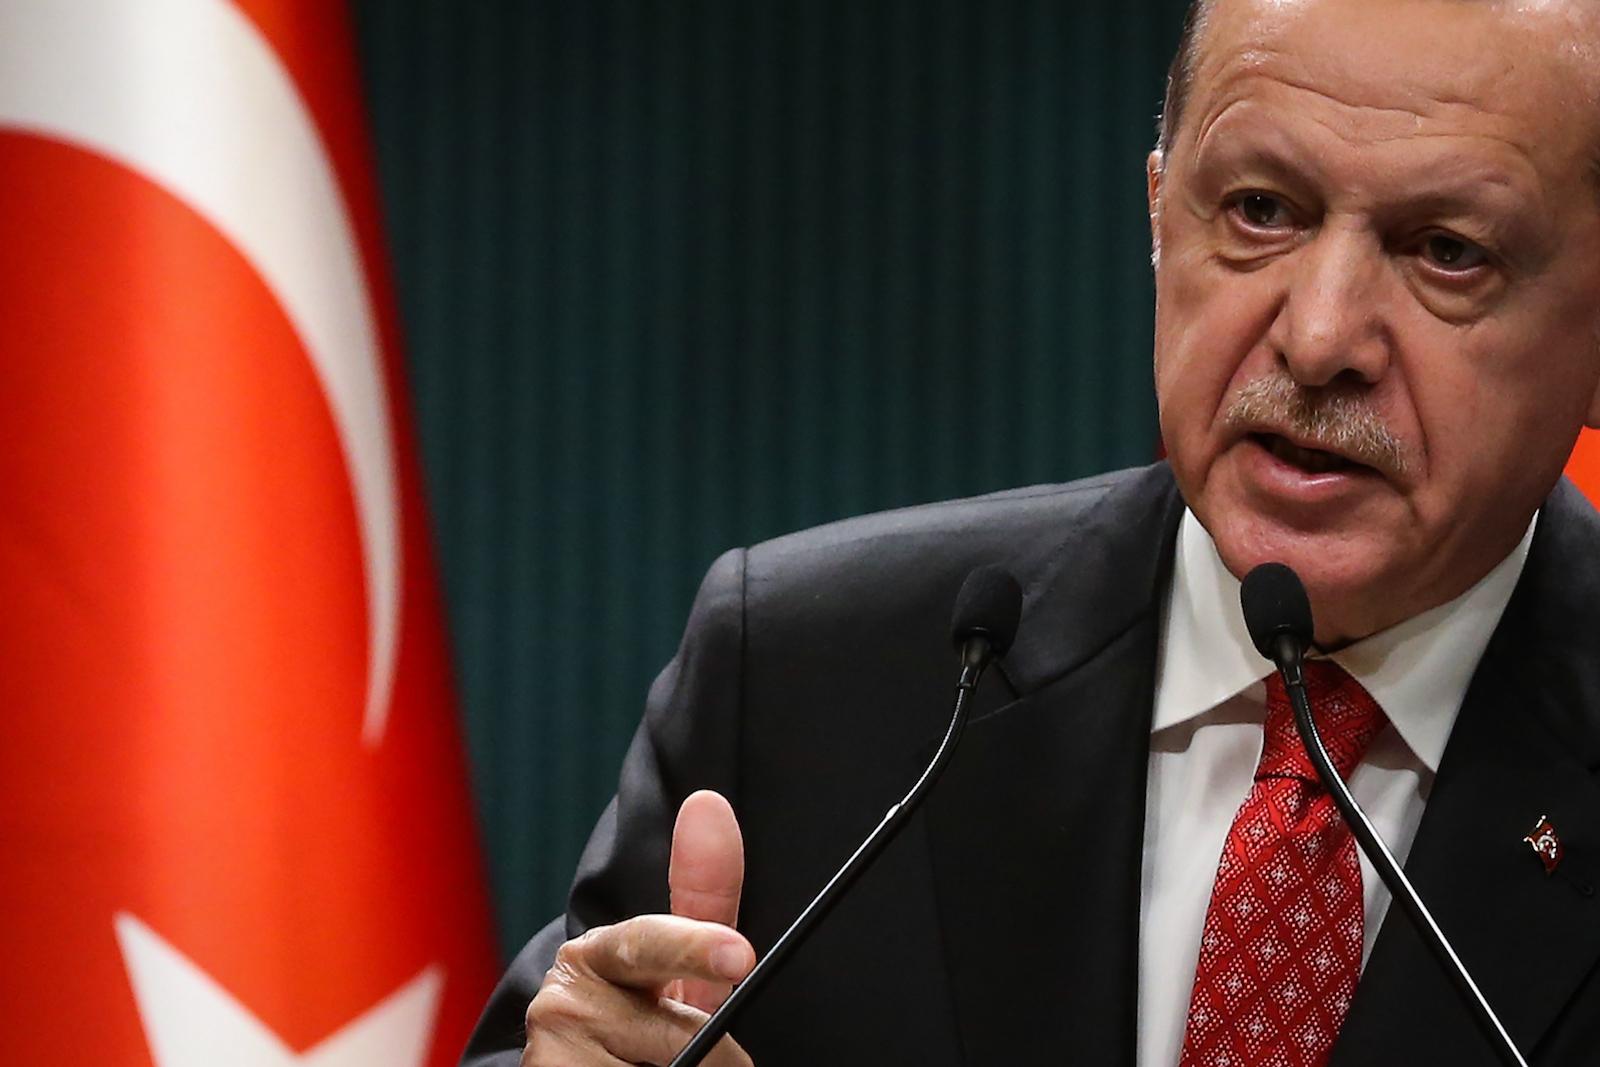 Die Türkei rückt in das Zentrum des neuen grossen Spiels